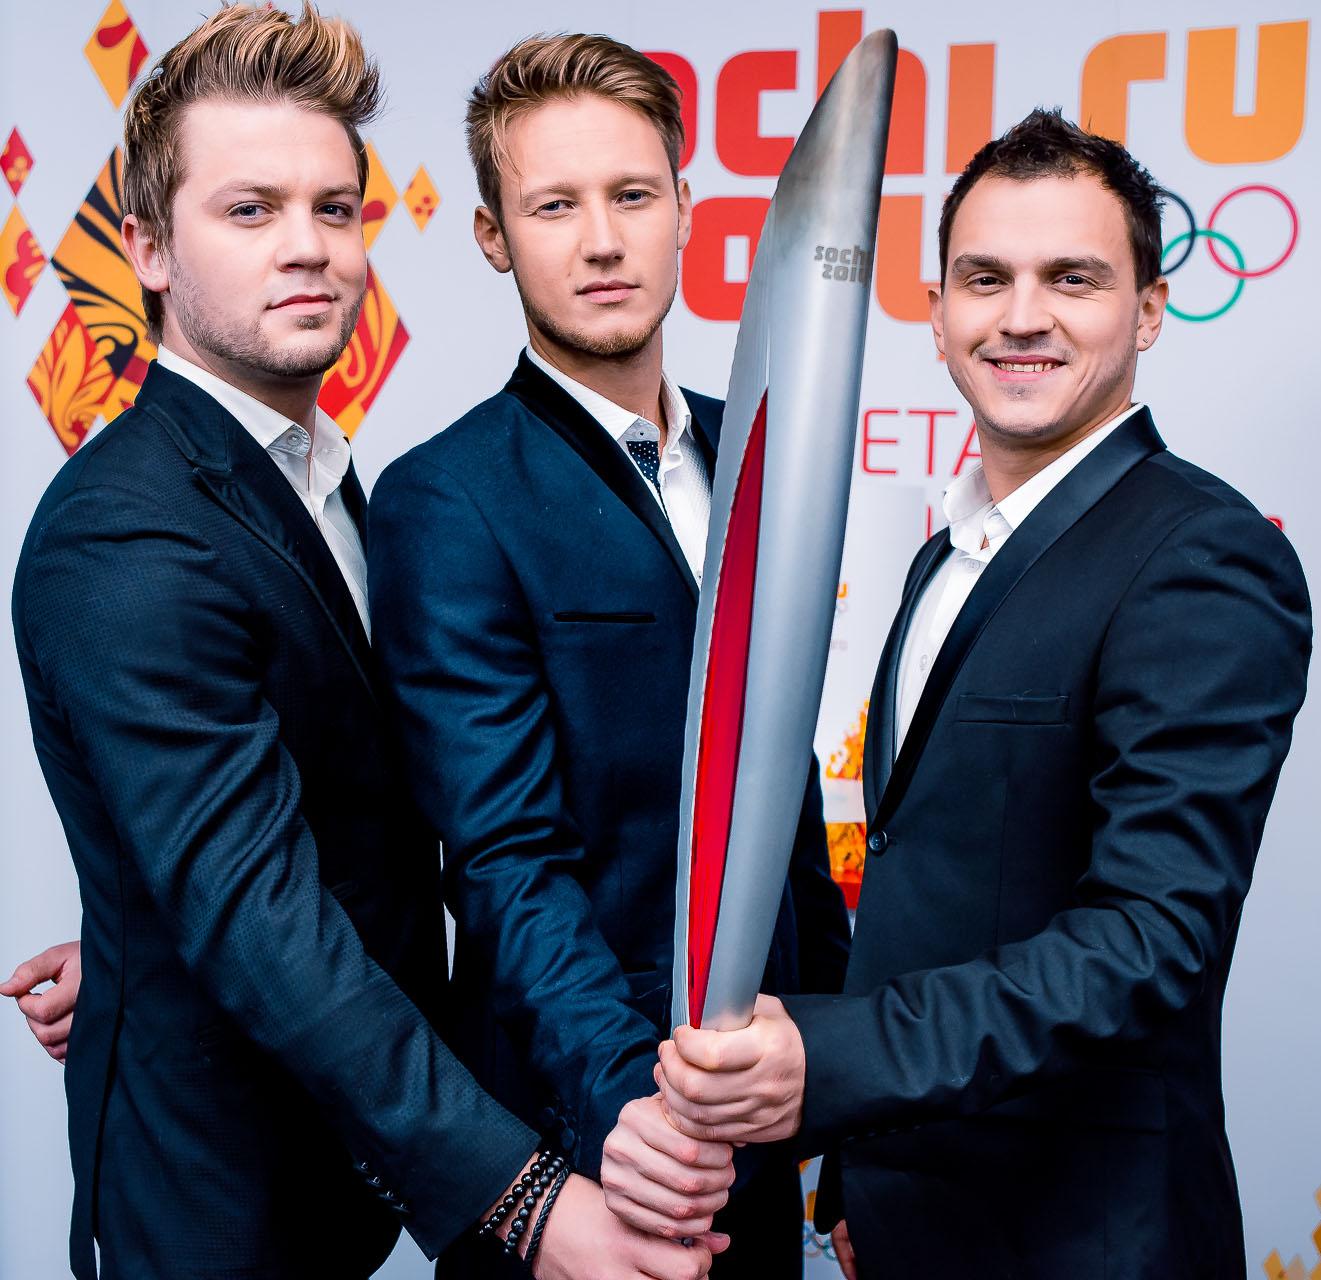 челси встреча олимпийского огня